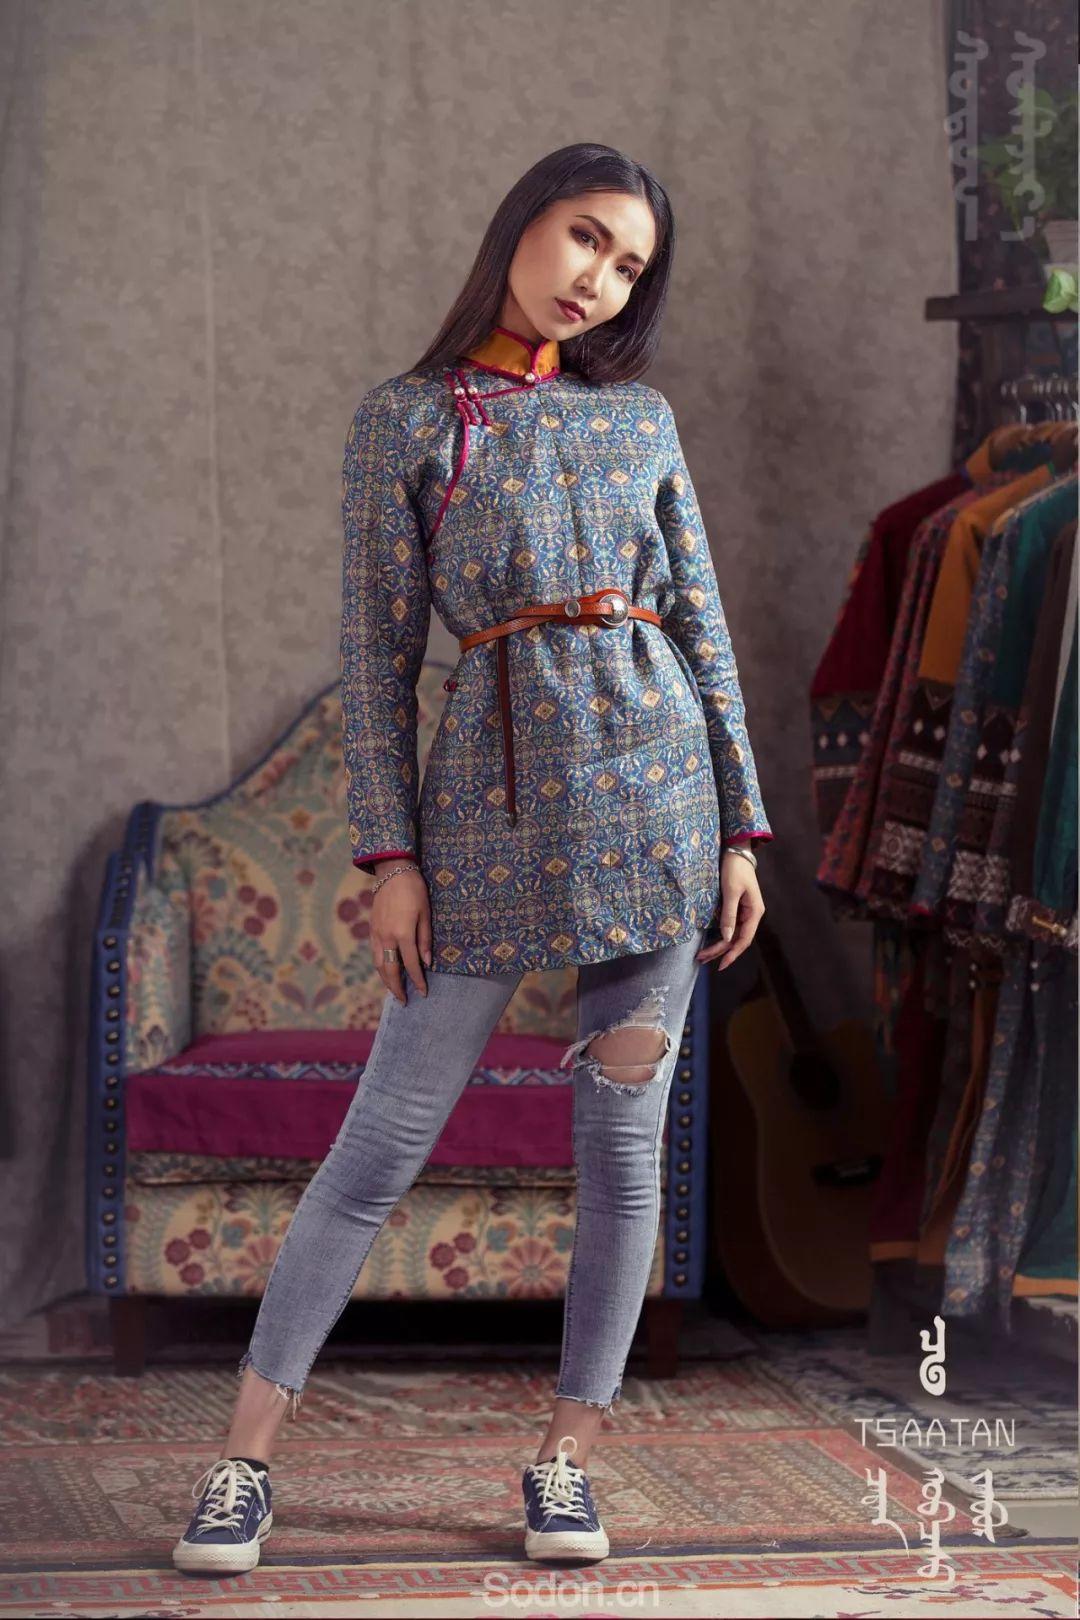 TSAATAN蒙古时装 2019新款,来自驯鹿人的独特魅力! 第21张 TSAATAN蒙古时装 2019新款,来自驯鹿人的独特魅力! 蒙古服饰